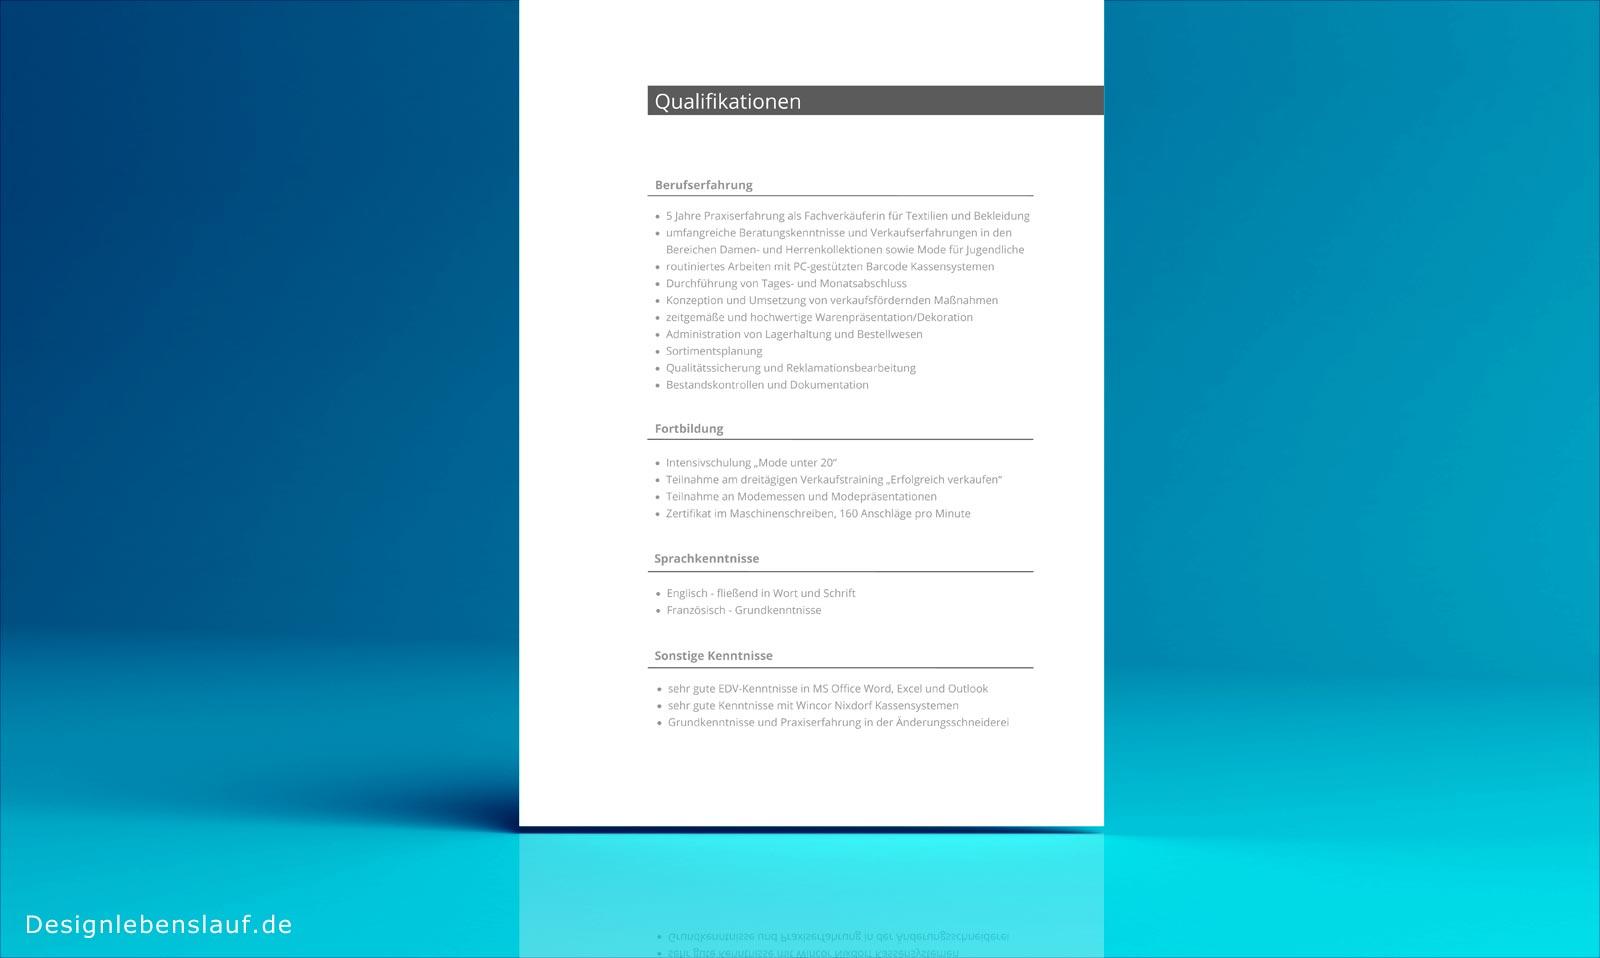 richtig bewerben mit Vorlagen für Open Office & MS Word